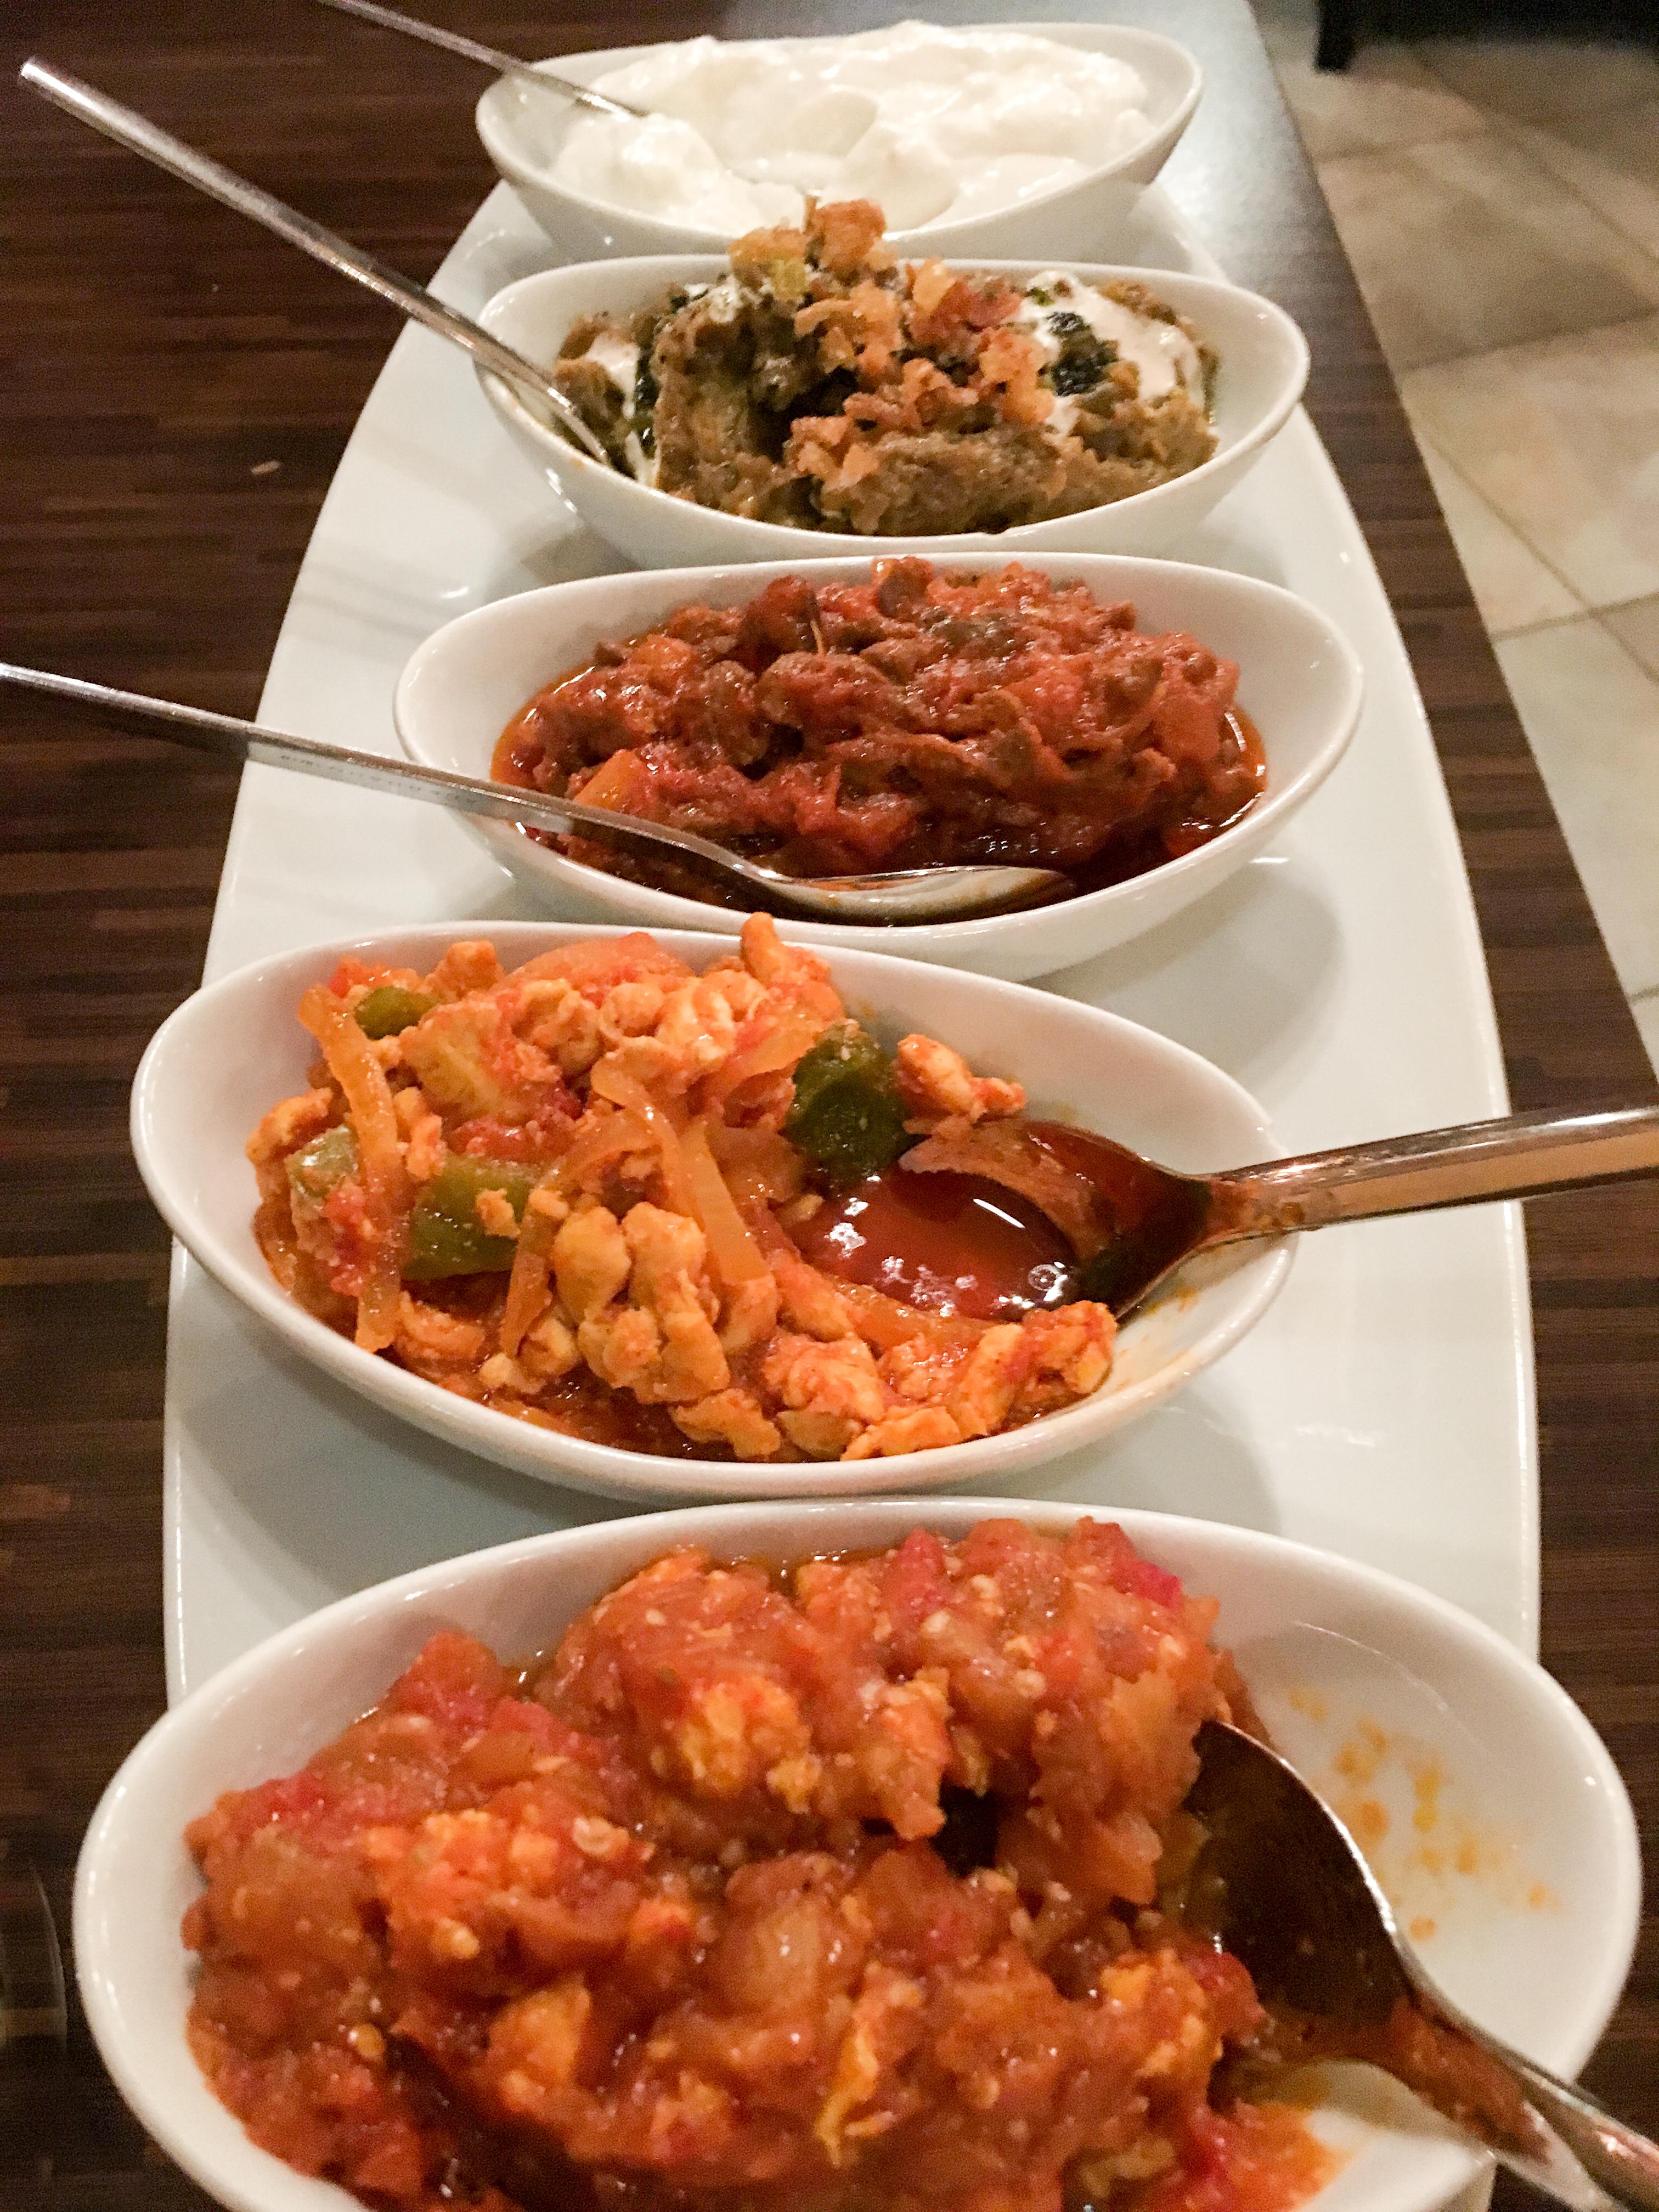 persische küche | jtleigh.com - hausgestaltung ideen - Persische Küche Vegetarisch